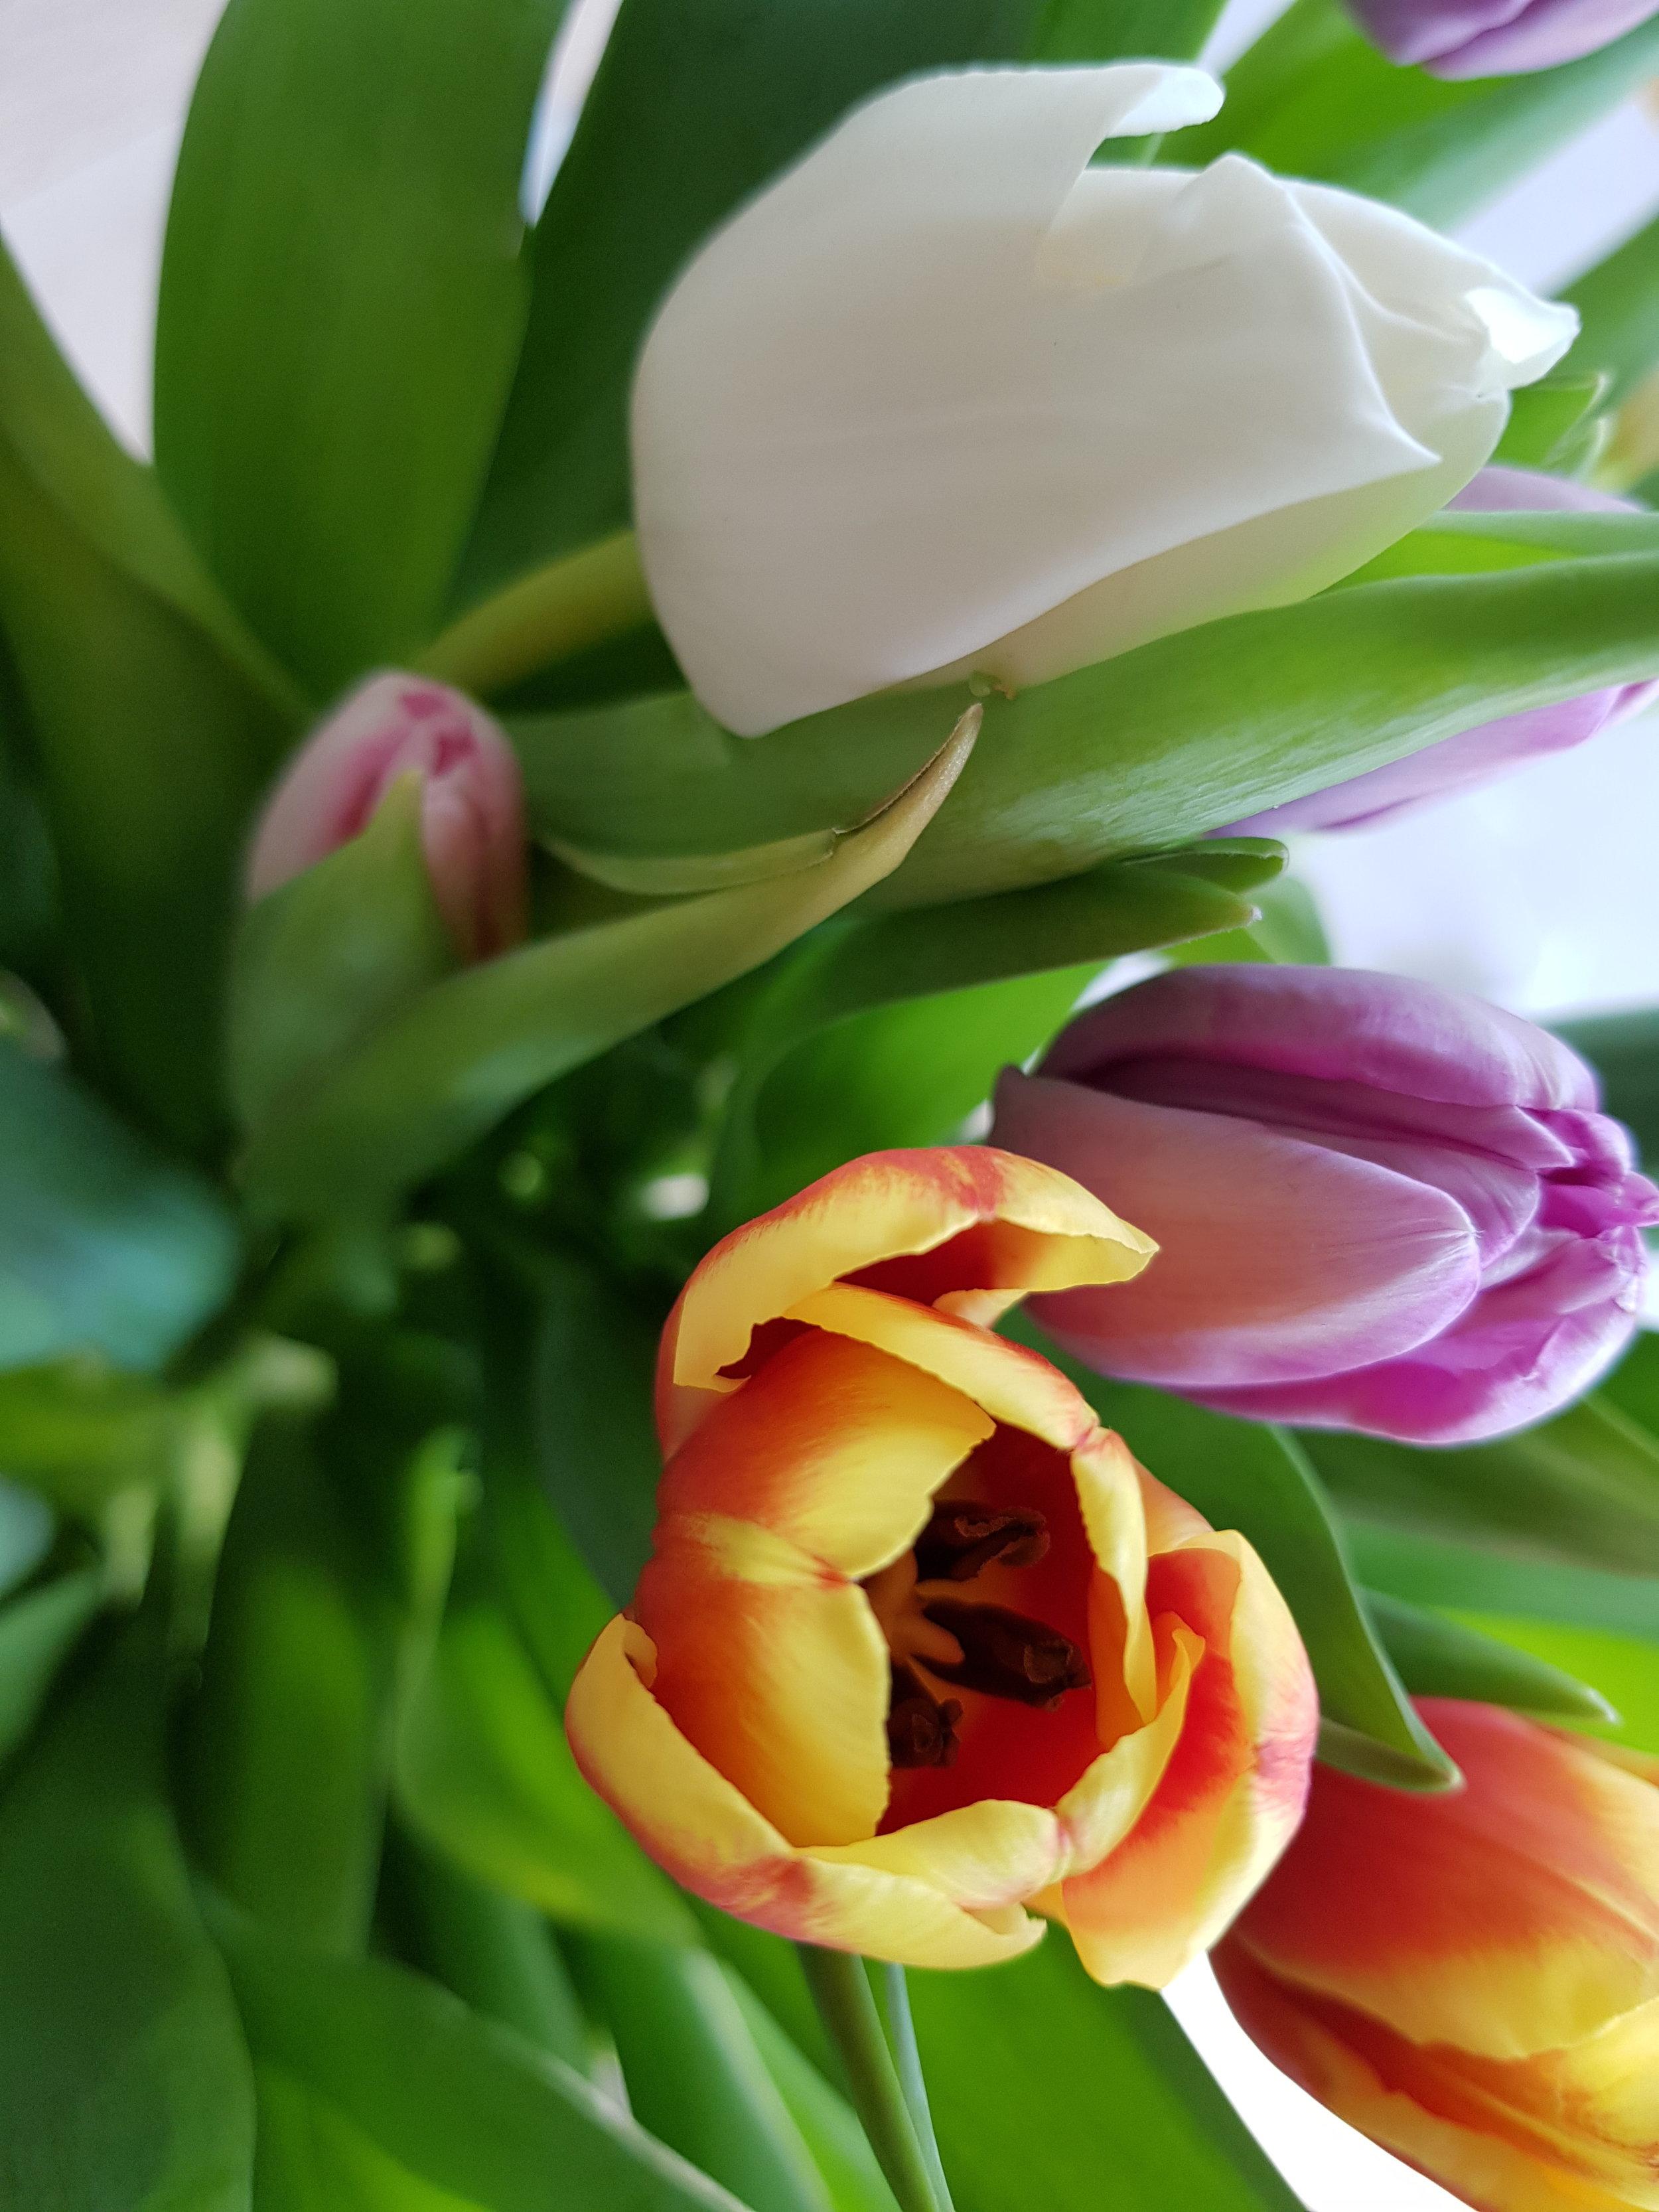 Älskar tulpaner! Älskar vår! Älskar färg!